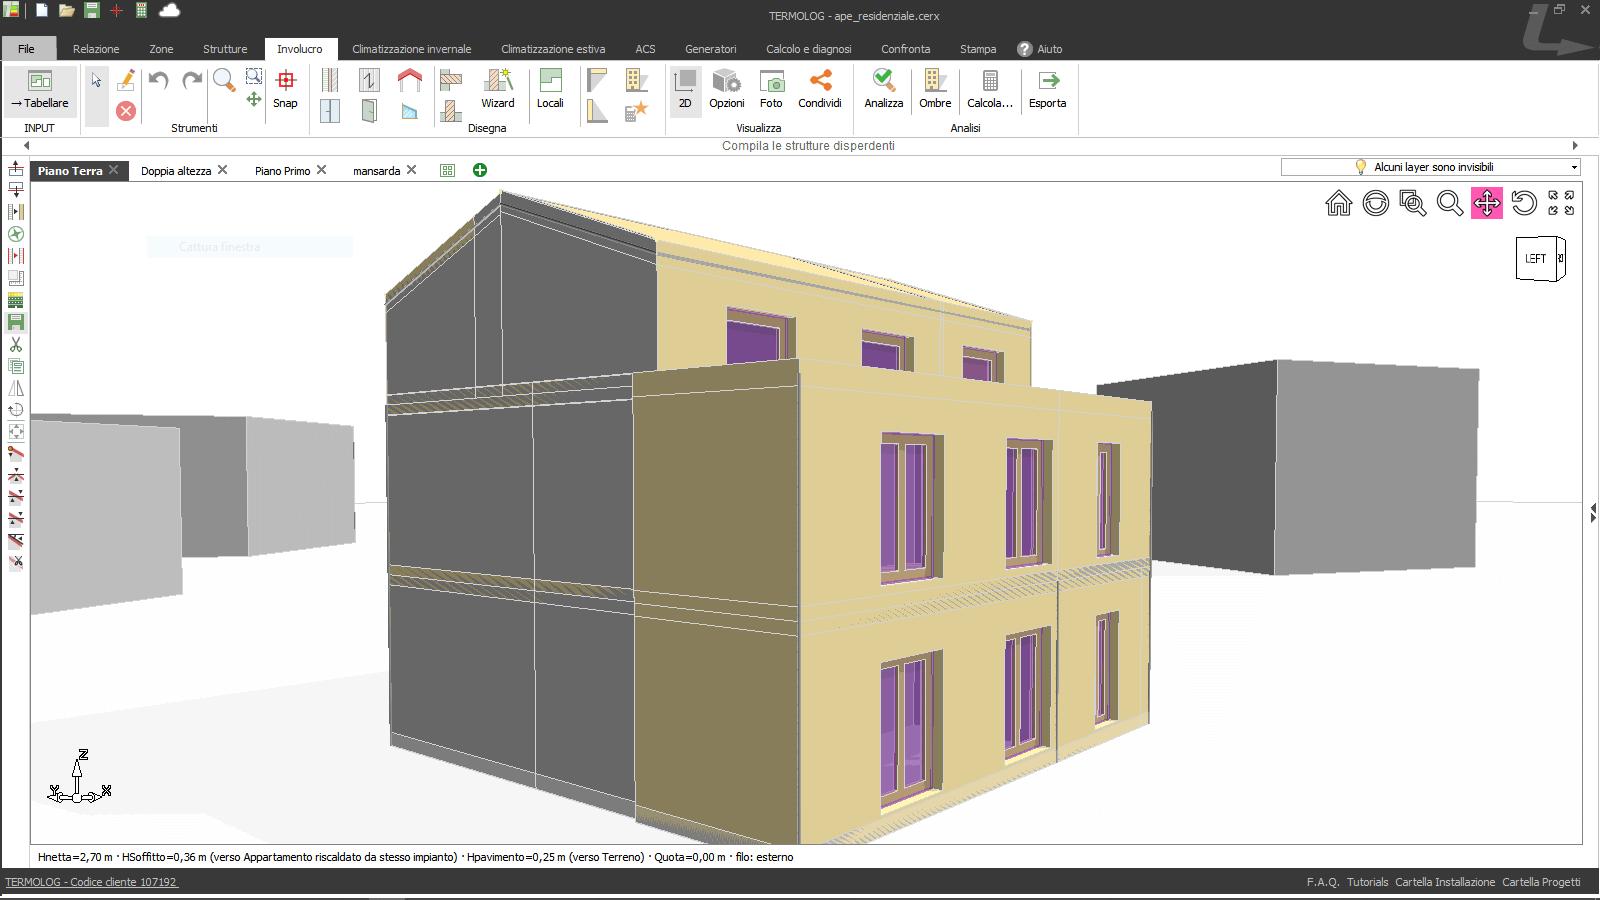 Modello di edificio realizzato con TERMOLOG